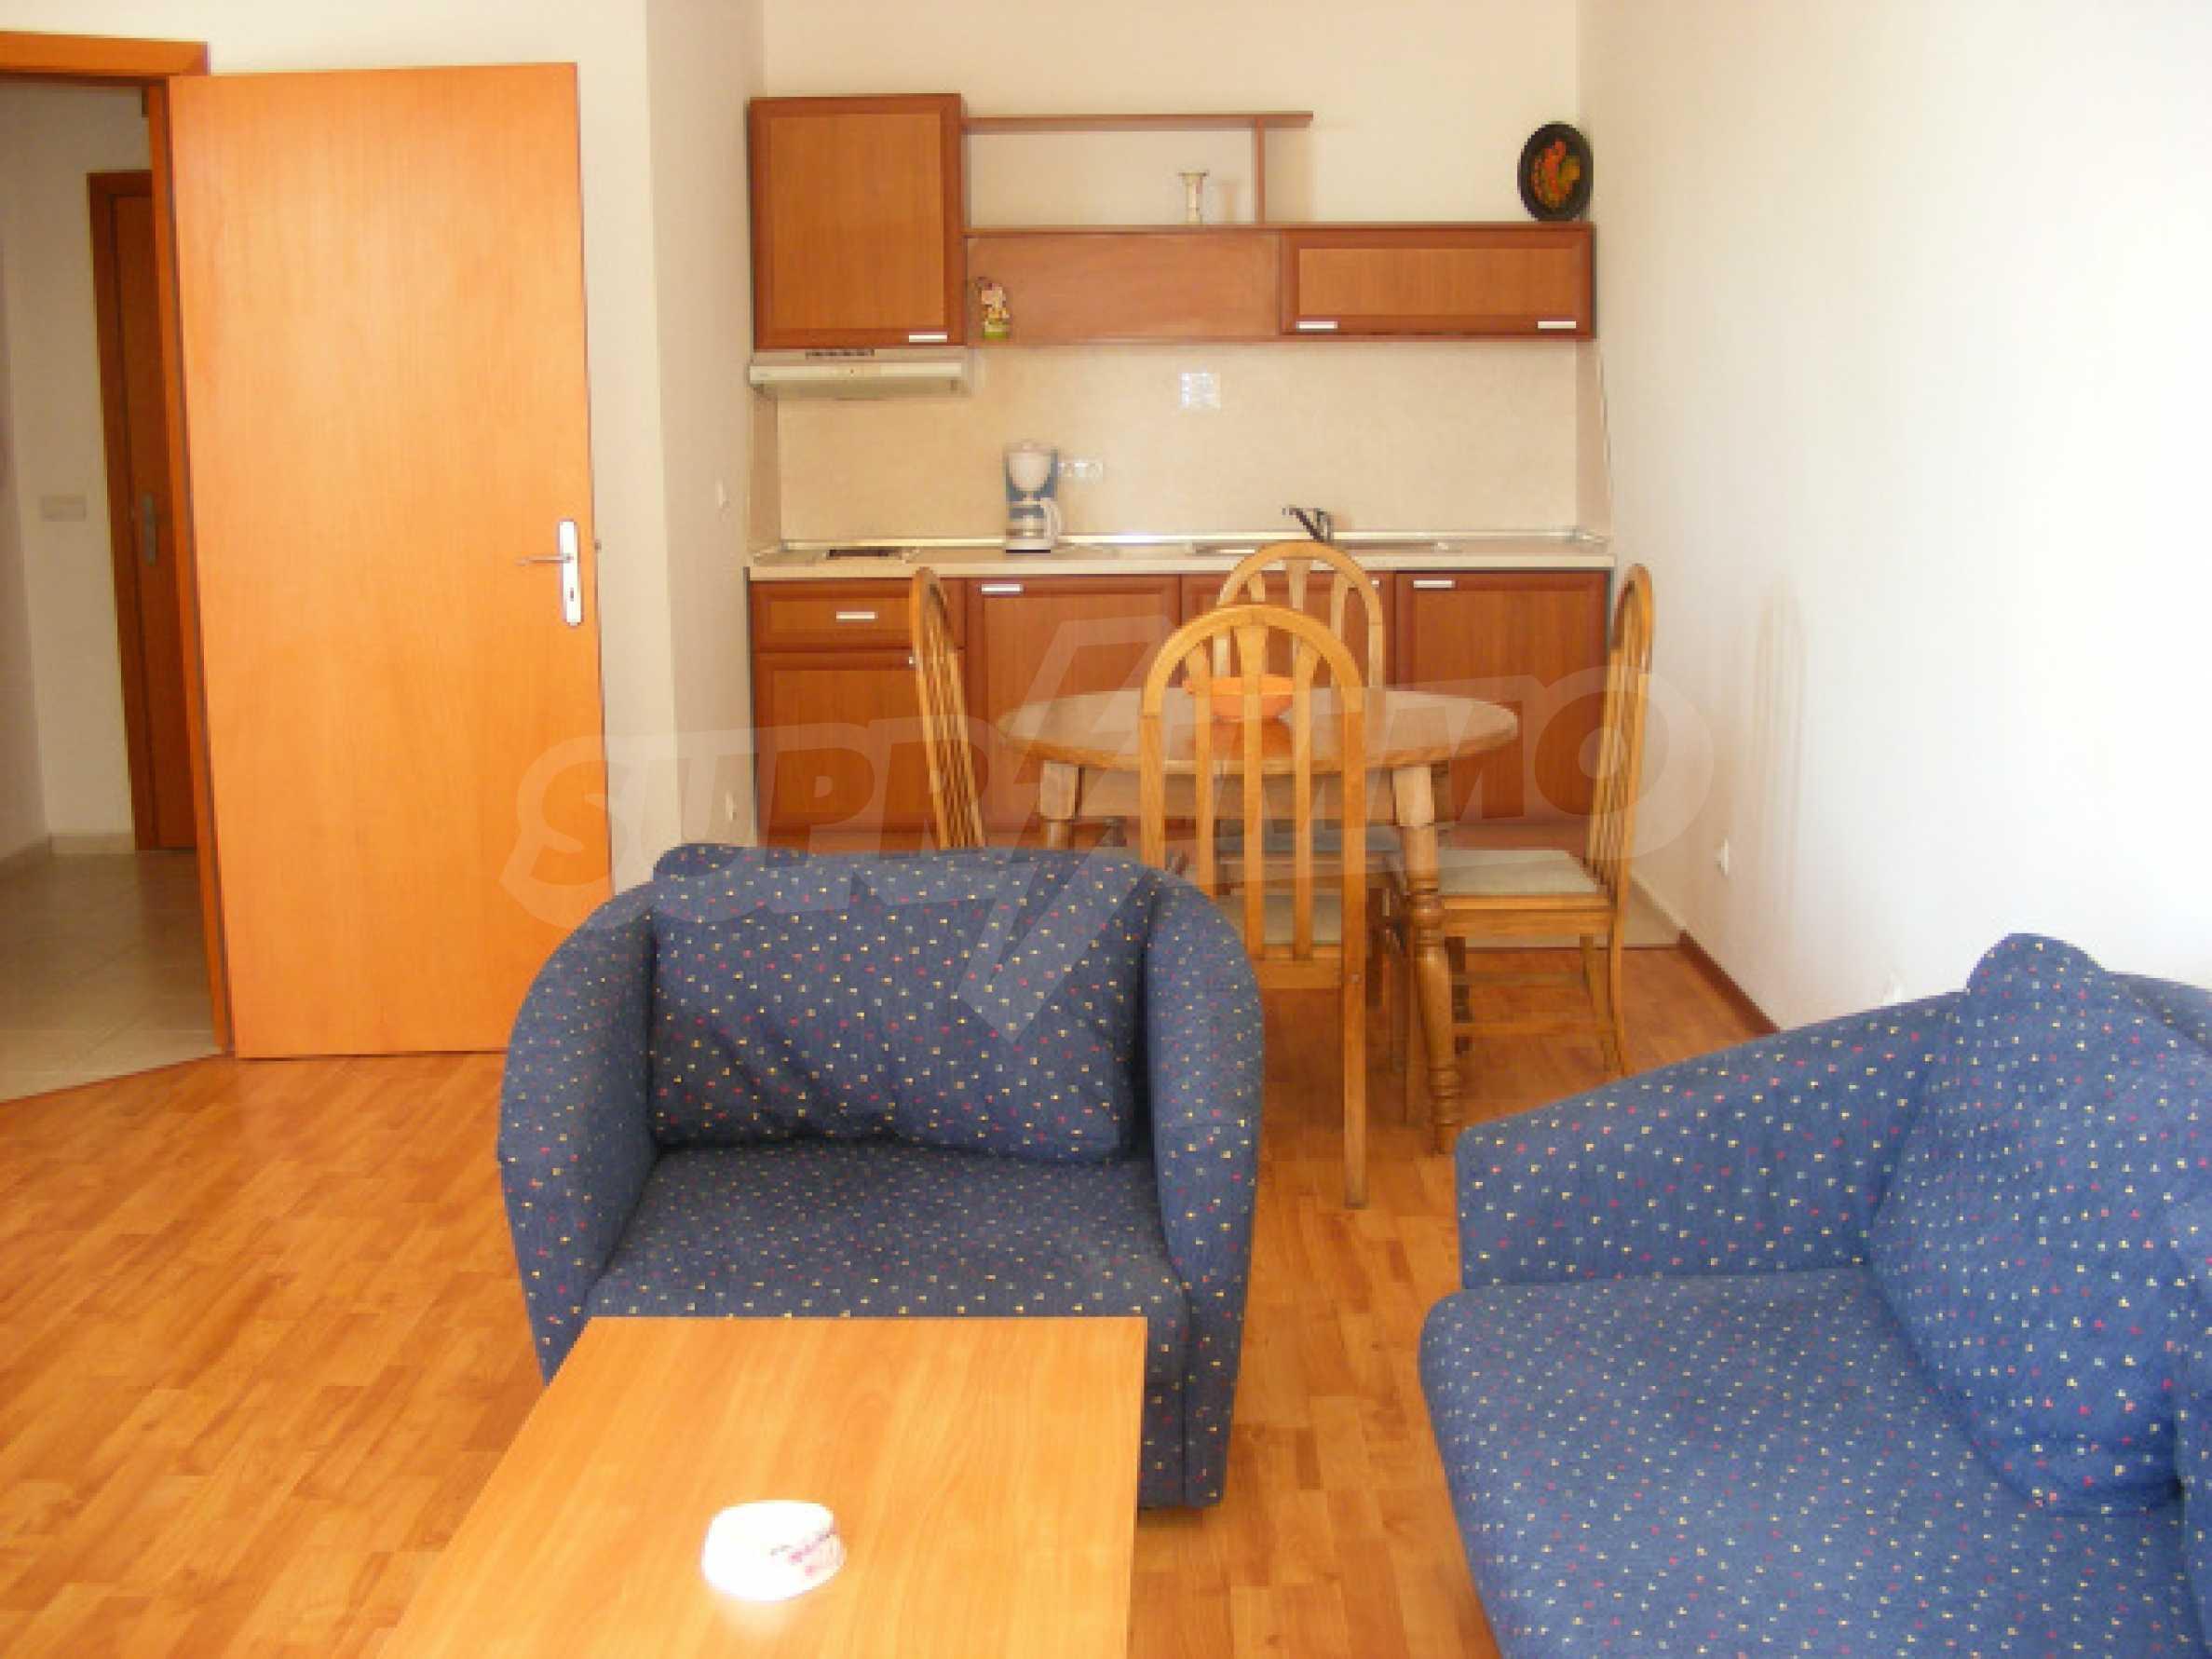 Komplett möbliertes Apartment mit 1 Schlafzimmer in Sunny Beach Goldener Sand, mit Meerblick 1